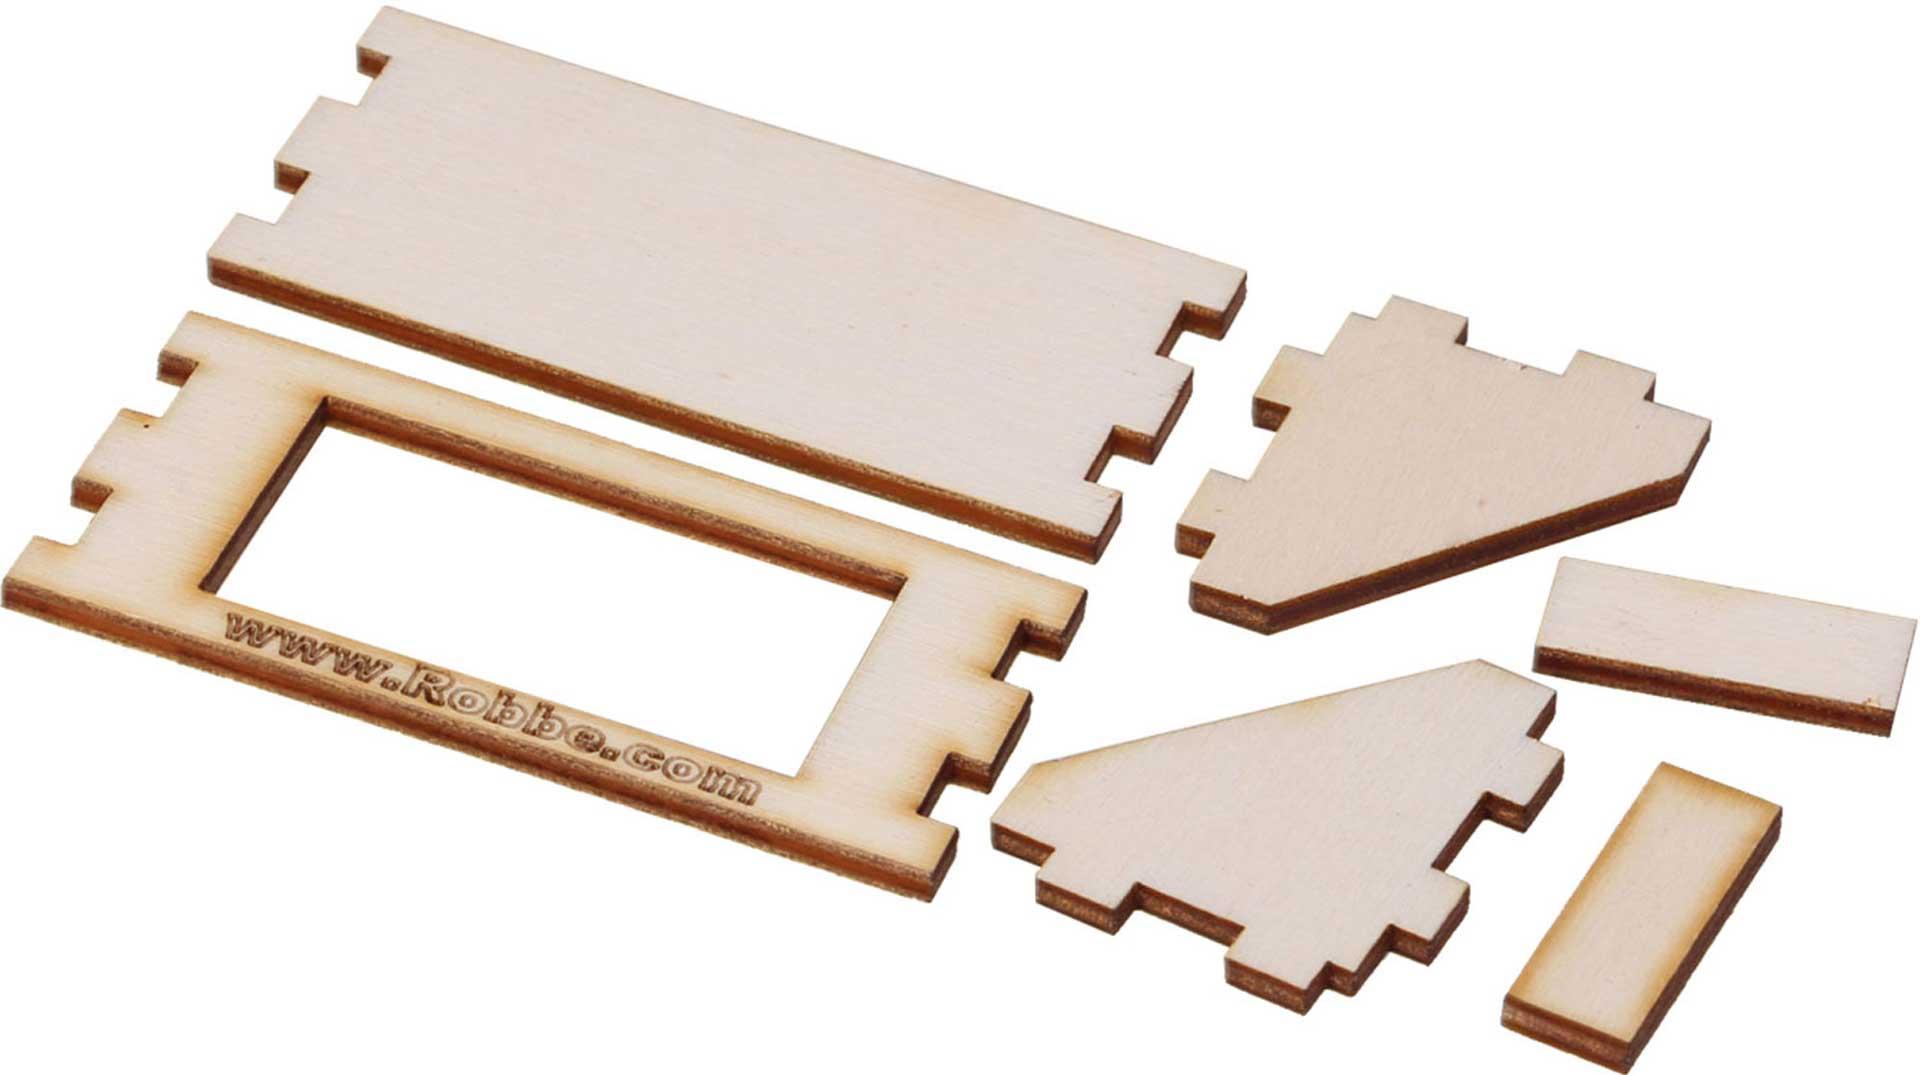 Robbe Modellsport CNC SERVOHALTER MINI (FS 155) 90 GRAD